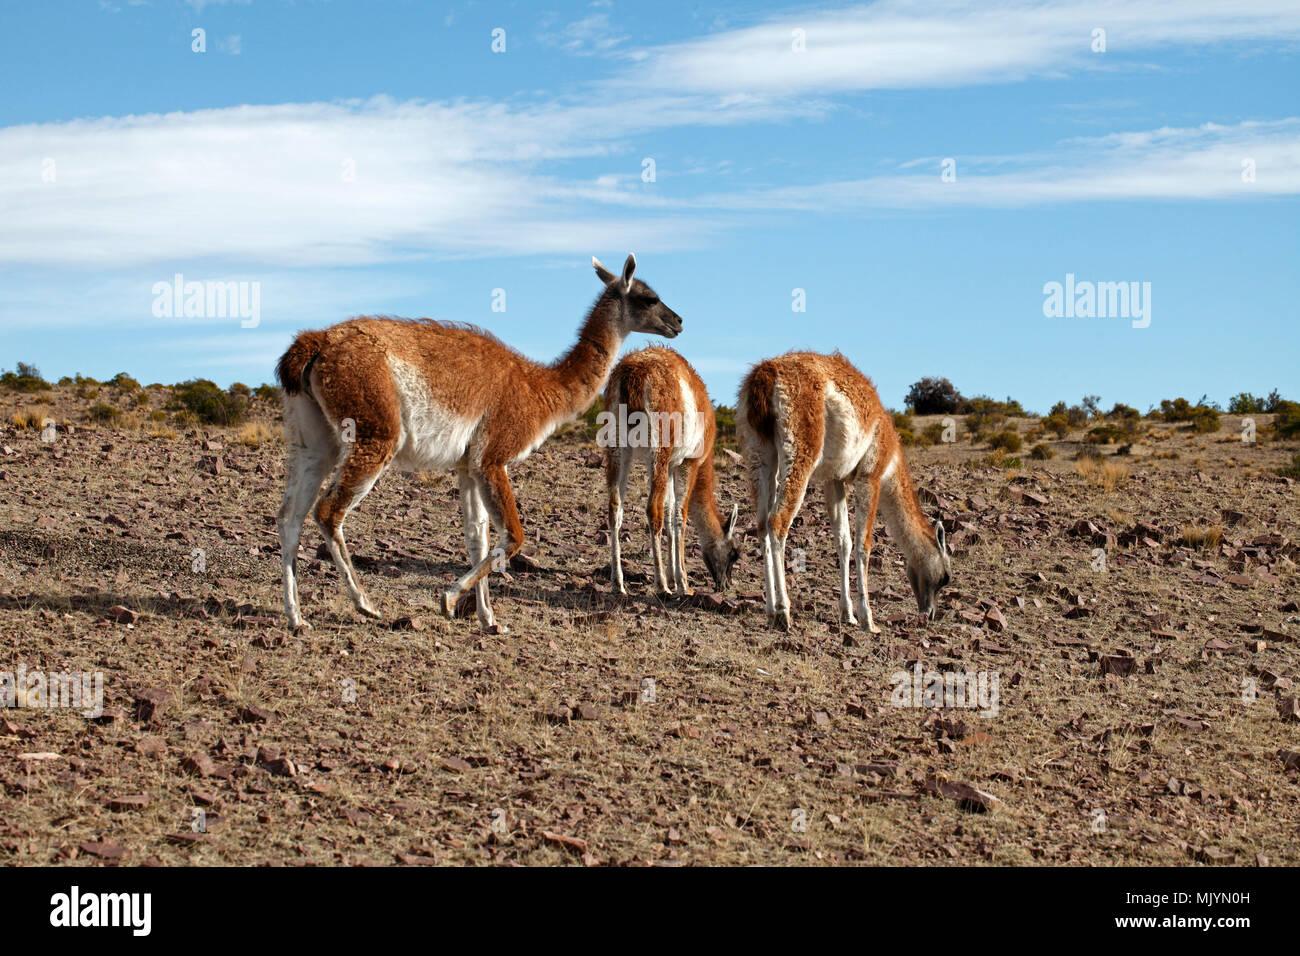 Mère et deux jeunes guanacos. Les roches du désert de Patagonie, de l'habitat et de garrigue. Banque D'Images